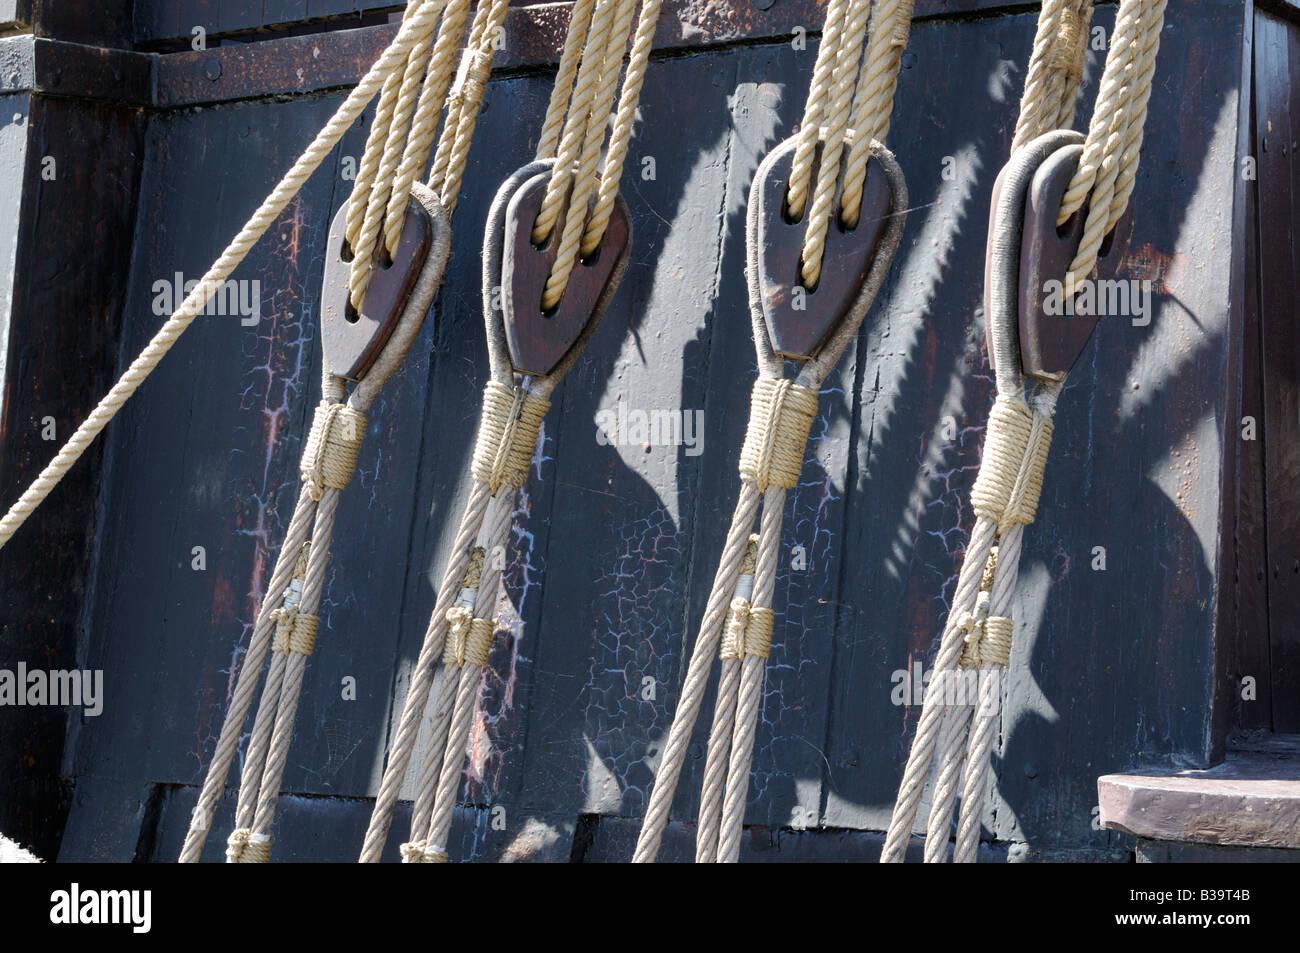 Seile und Taljen auf einem Schiff Ropes and pulleys on a ship - Stock Image